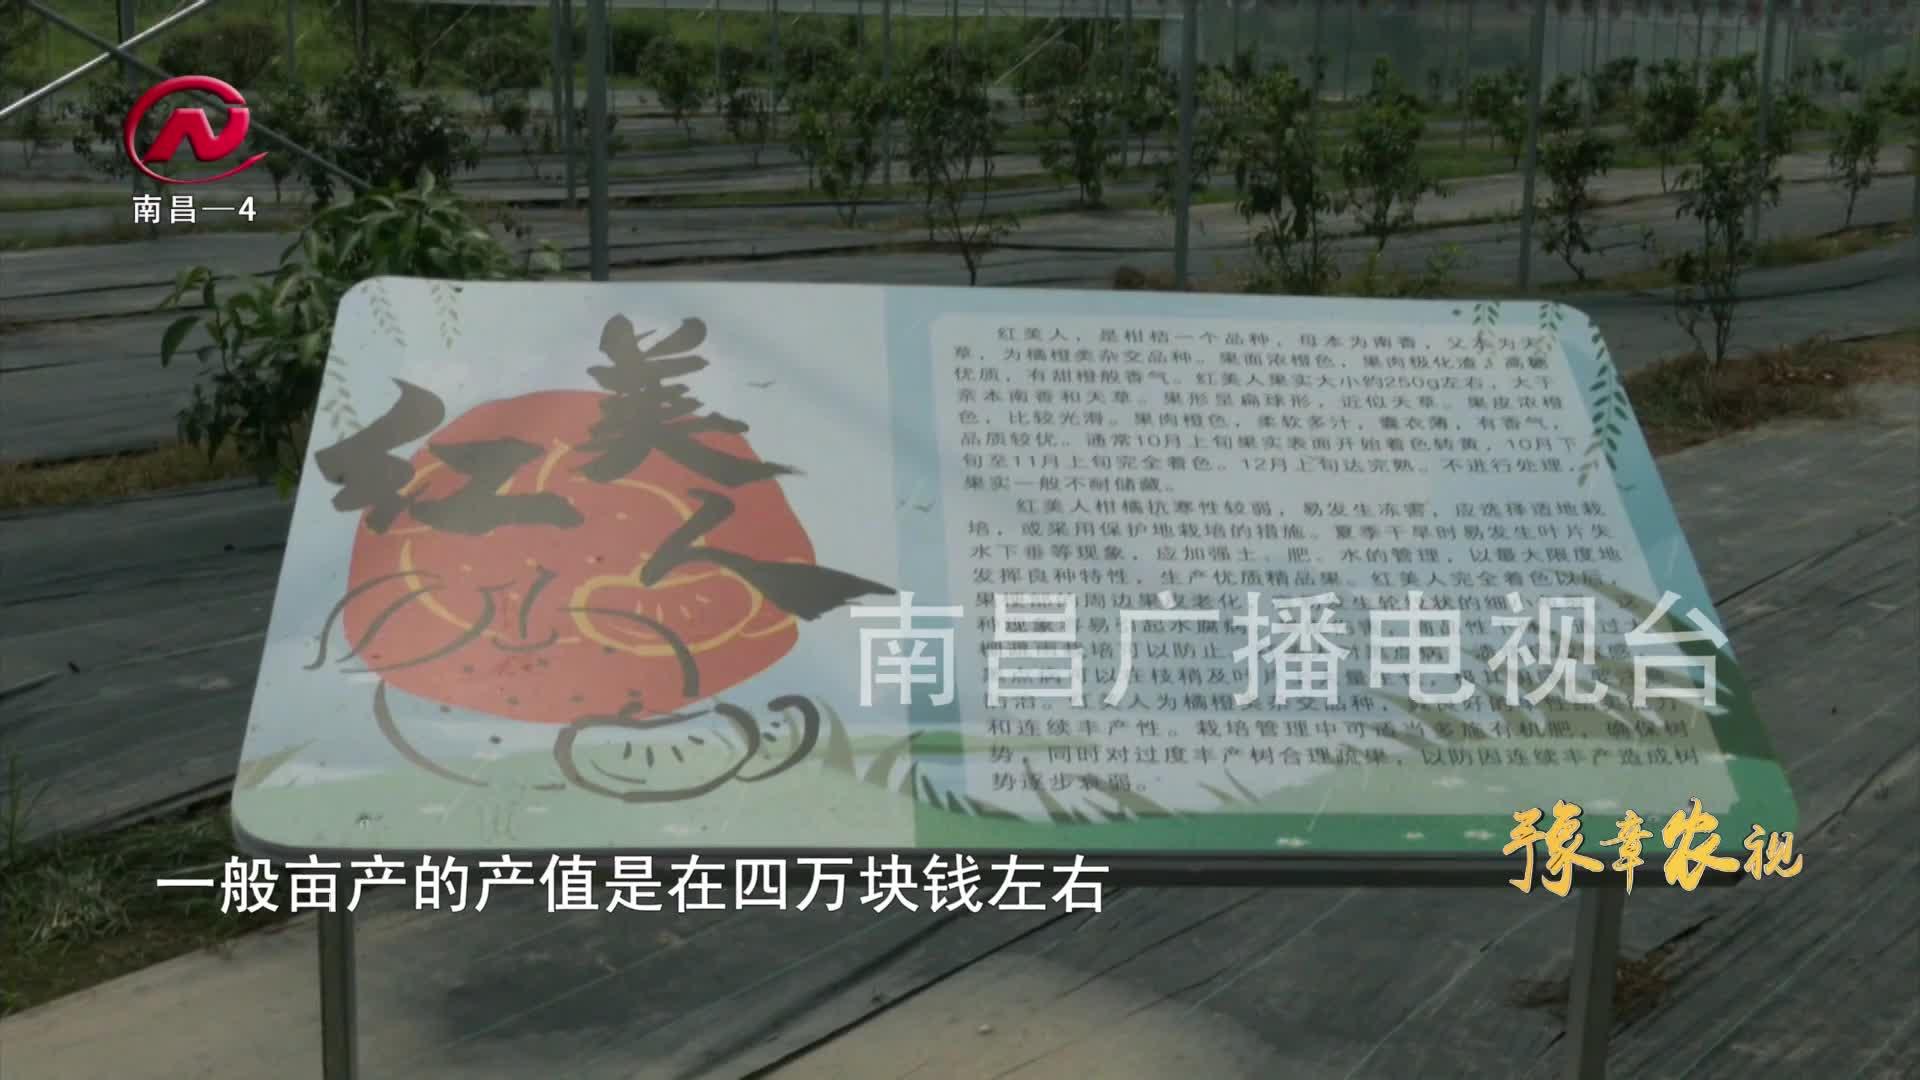 【豫章农视】四大特色产业高质量发展 助力乡村振兴(二)